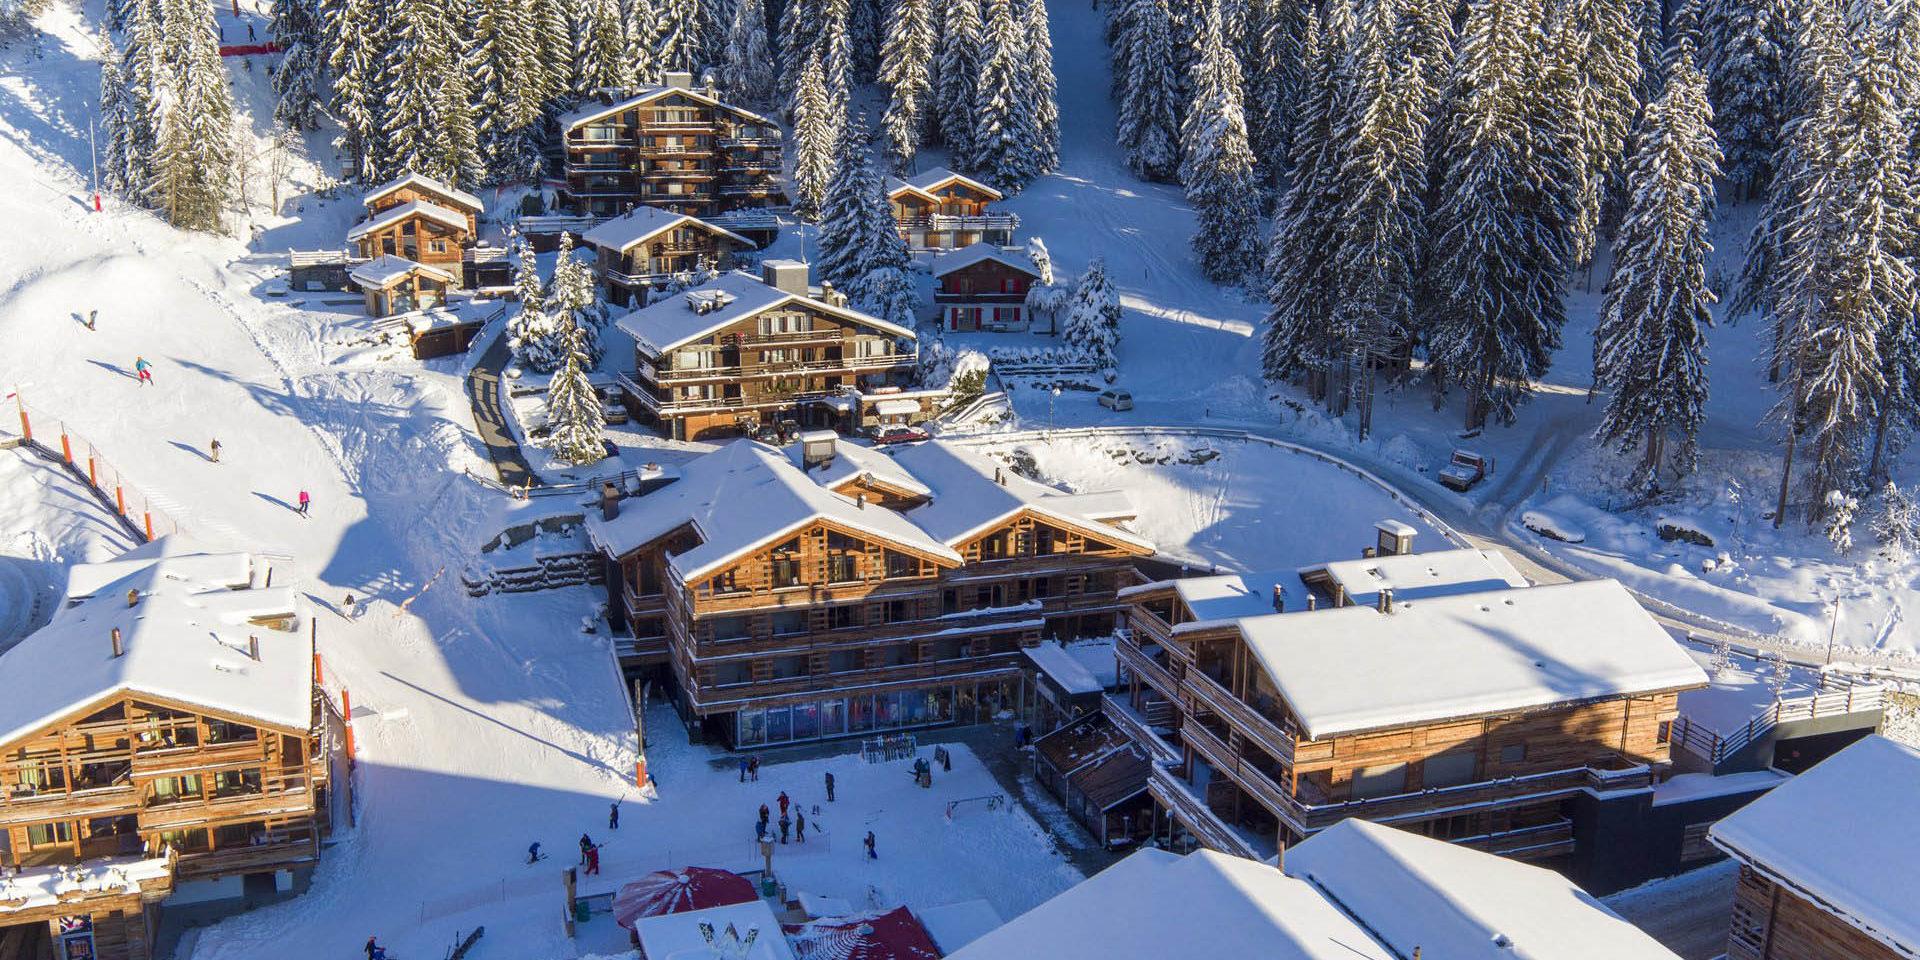 Appartement Place Blanche 2 Verbier Les 4 Vallees Zwitserland wintersport skivakantie luxe ligging appartement bomen sneeuw besneeuwde daken